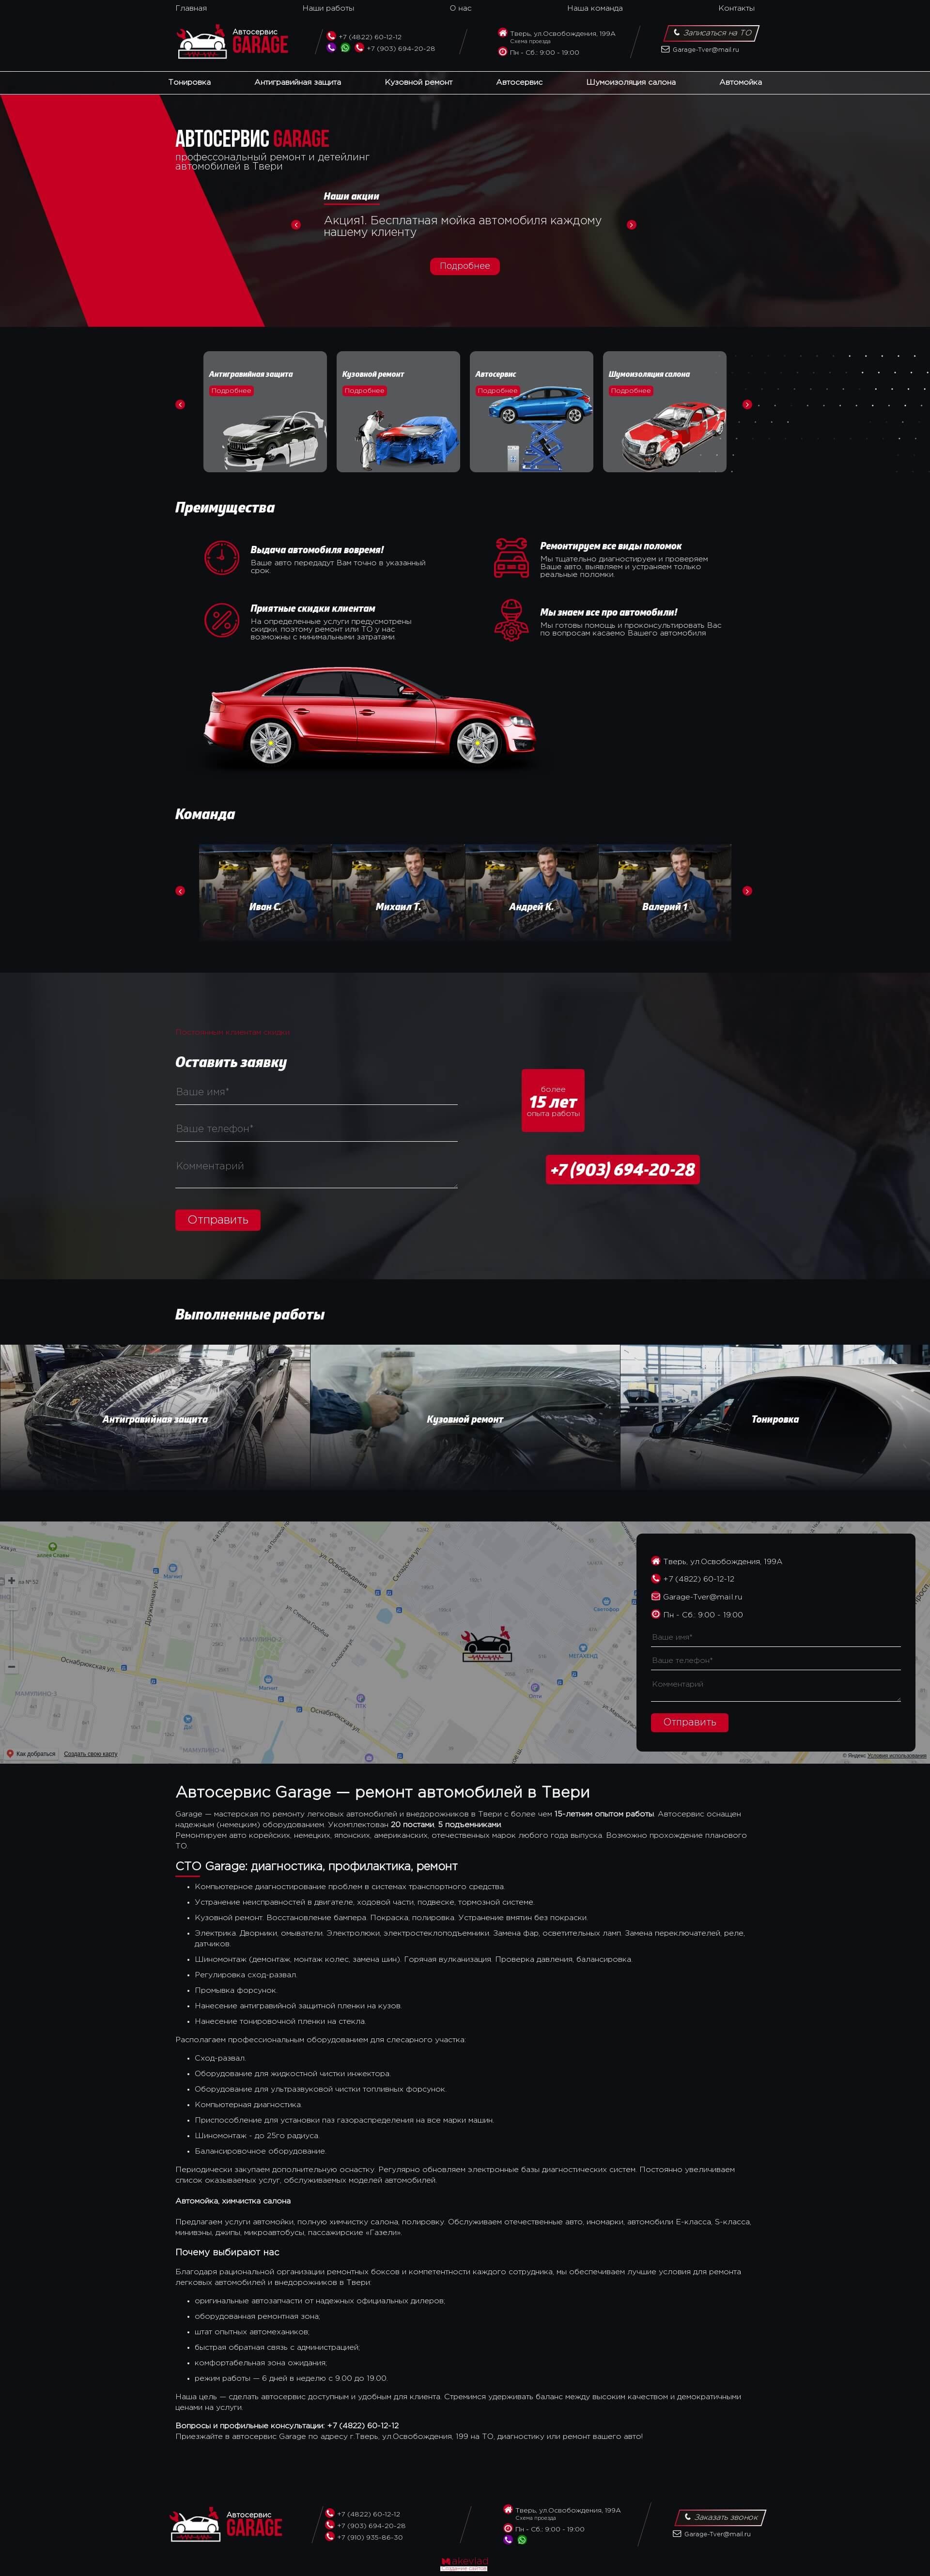 Скриншот №1 страницы сайта во весь экран. Сайт для автосервиса